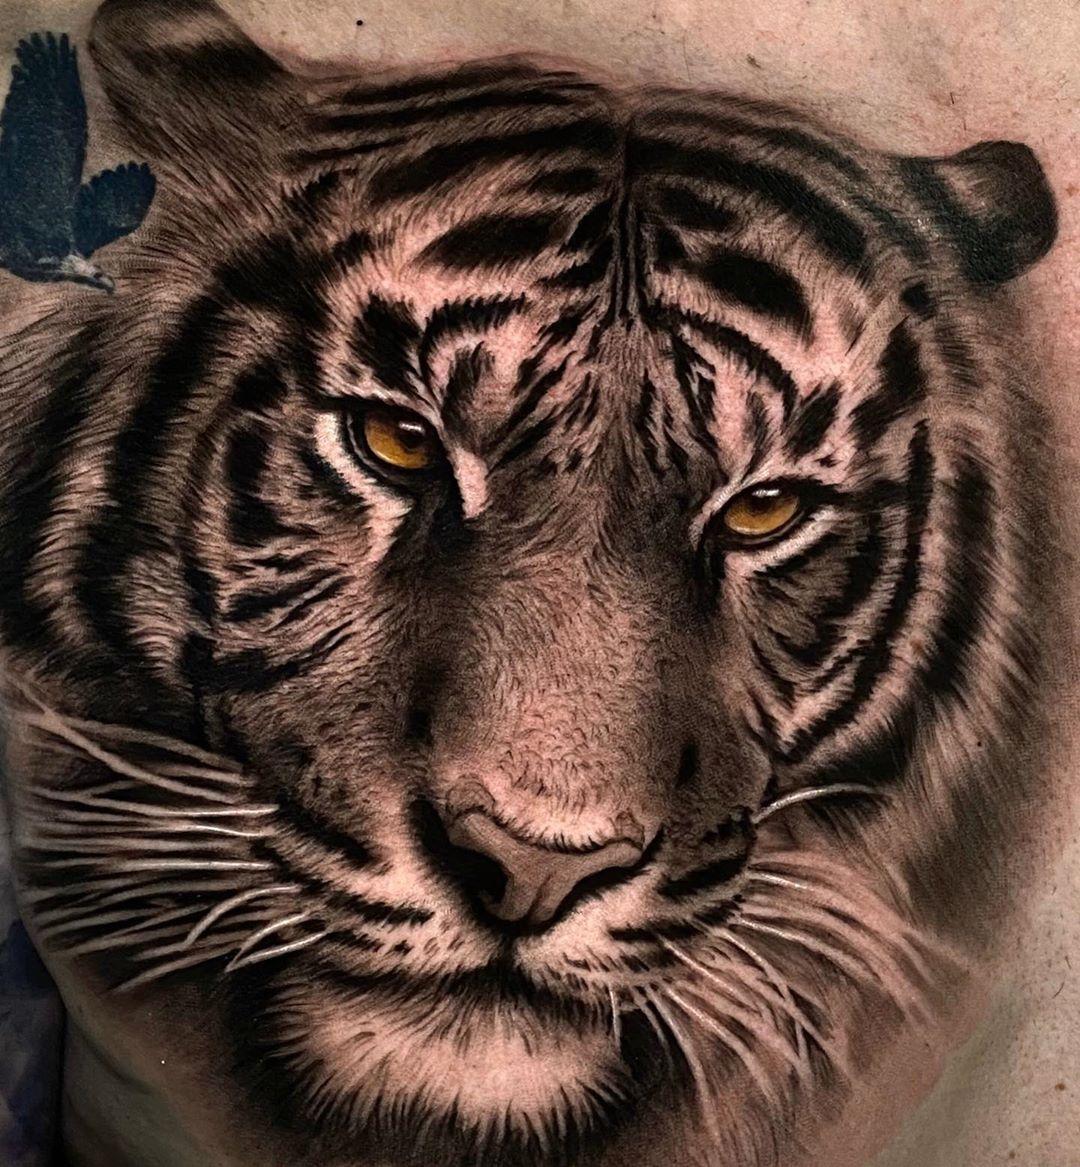 Tatuaż głowa tygrysa z pomarańczowymi oczami na przedramieniu dla mężczyzn i kobiet